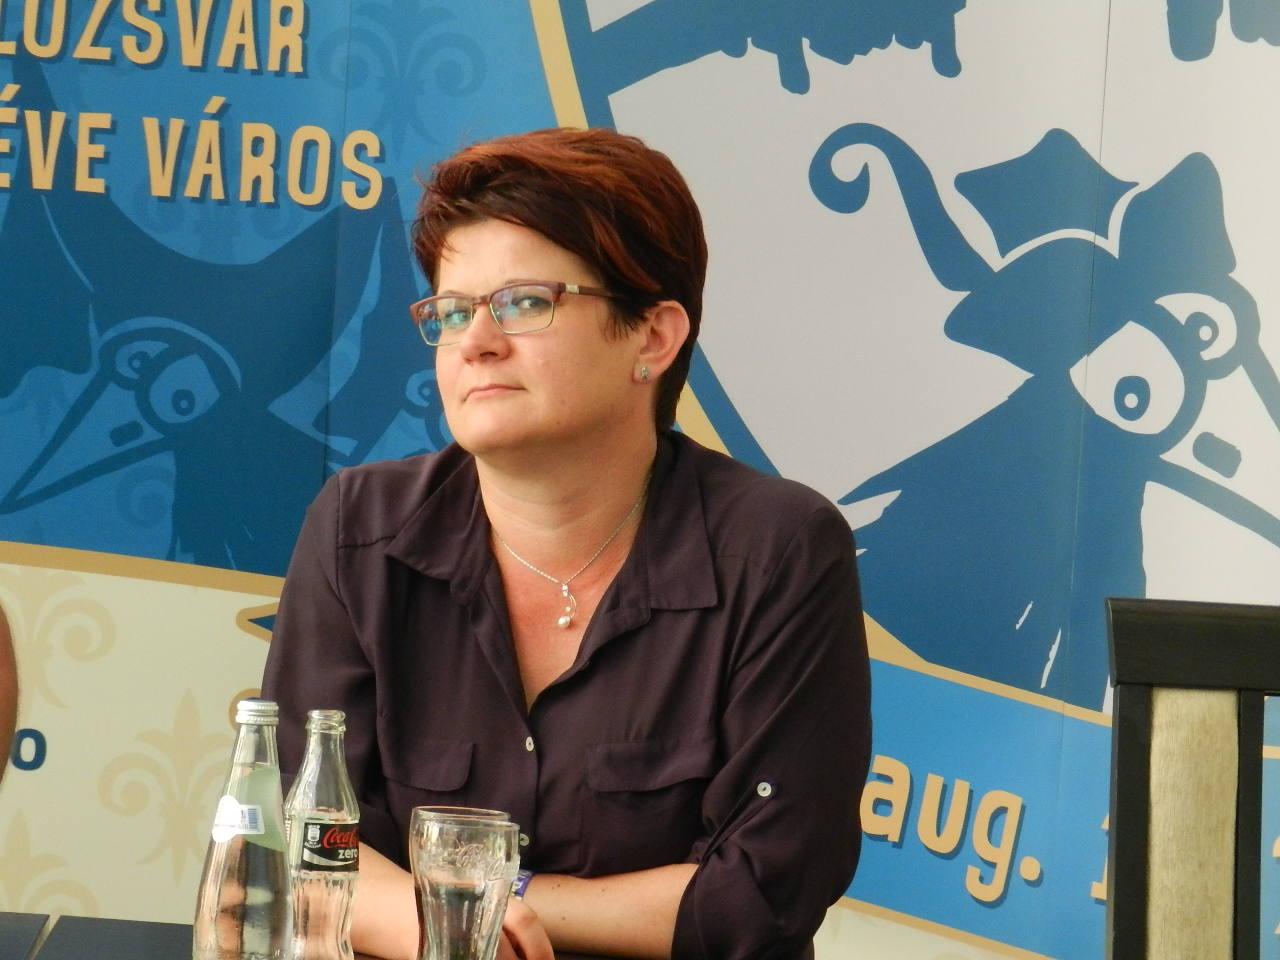 Fostul viceprimar al Clujului, Anna Horvath, premiată şi lăudată la Budapesta de vicepremierul Ungariei